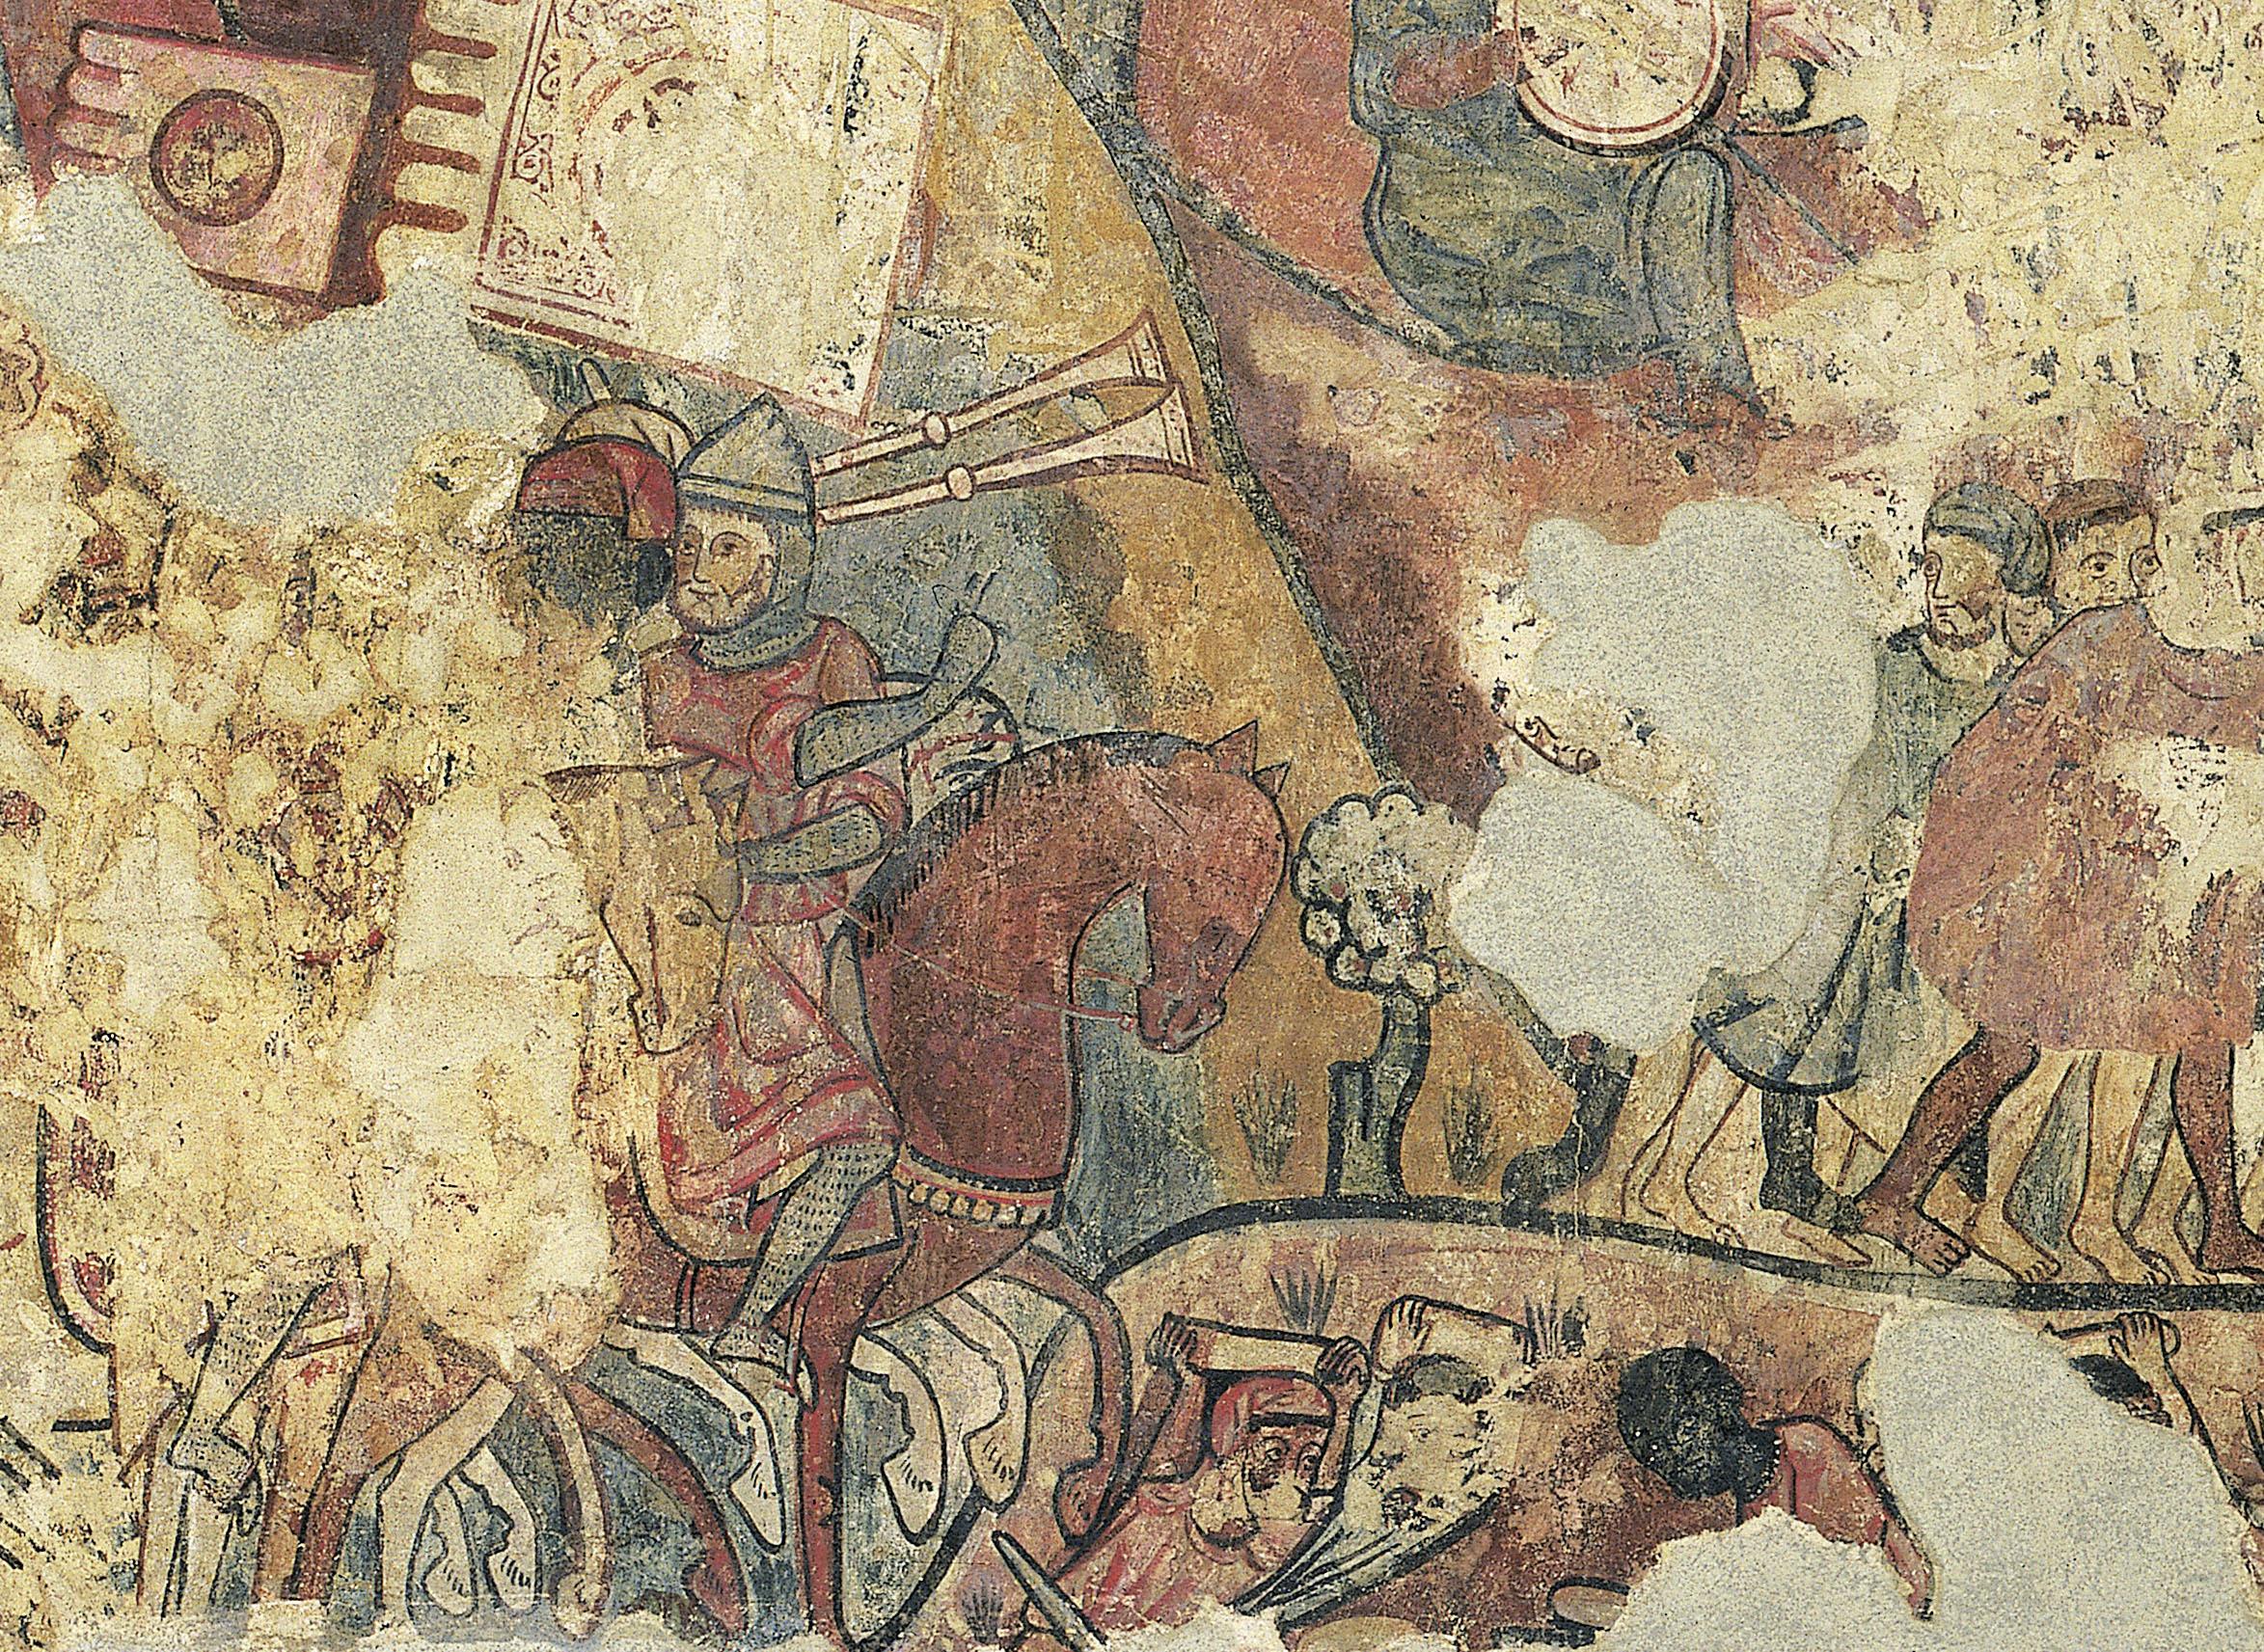 Mestre de la conquesta de Mallorca - Pintures murals de la conquesta de Mallorca - 1285-1290 [3]